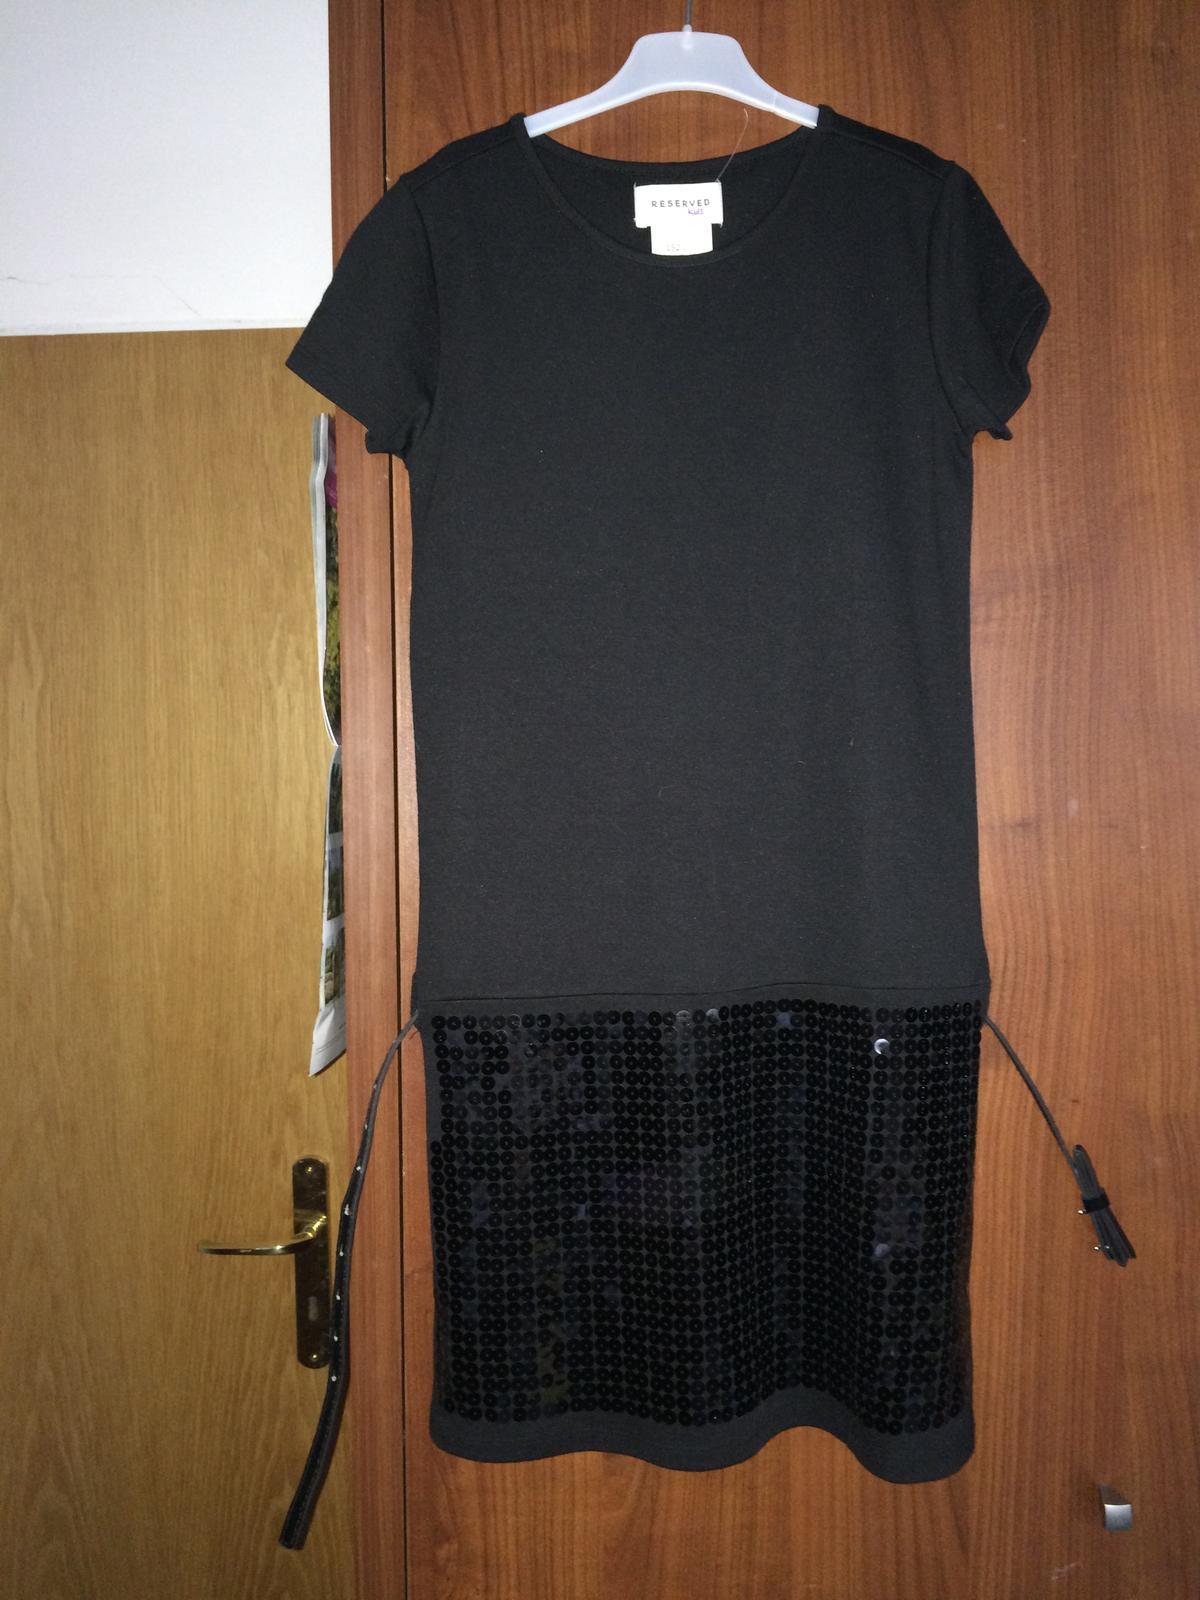 Černé dívčí šaty ještě s cedulkou - Obrázek č. 1